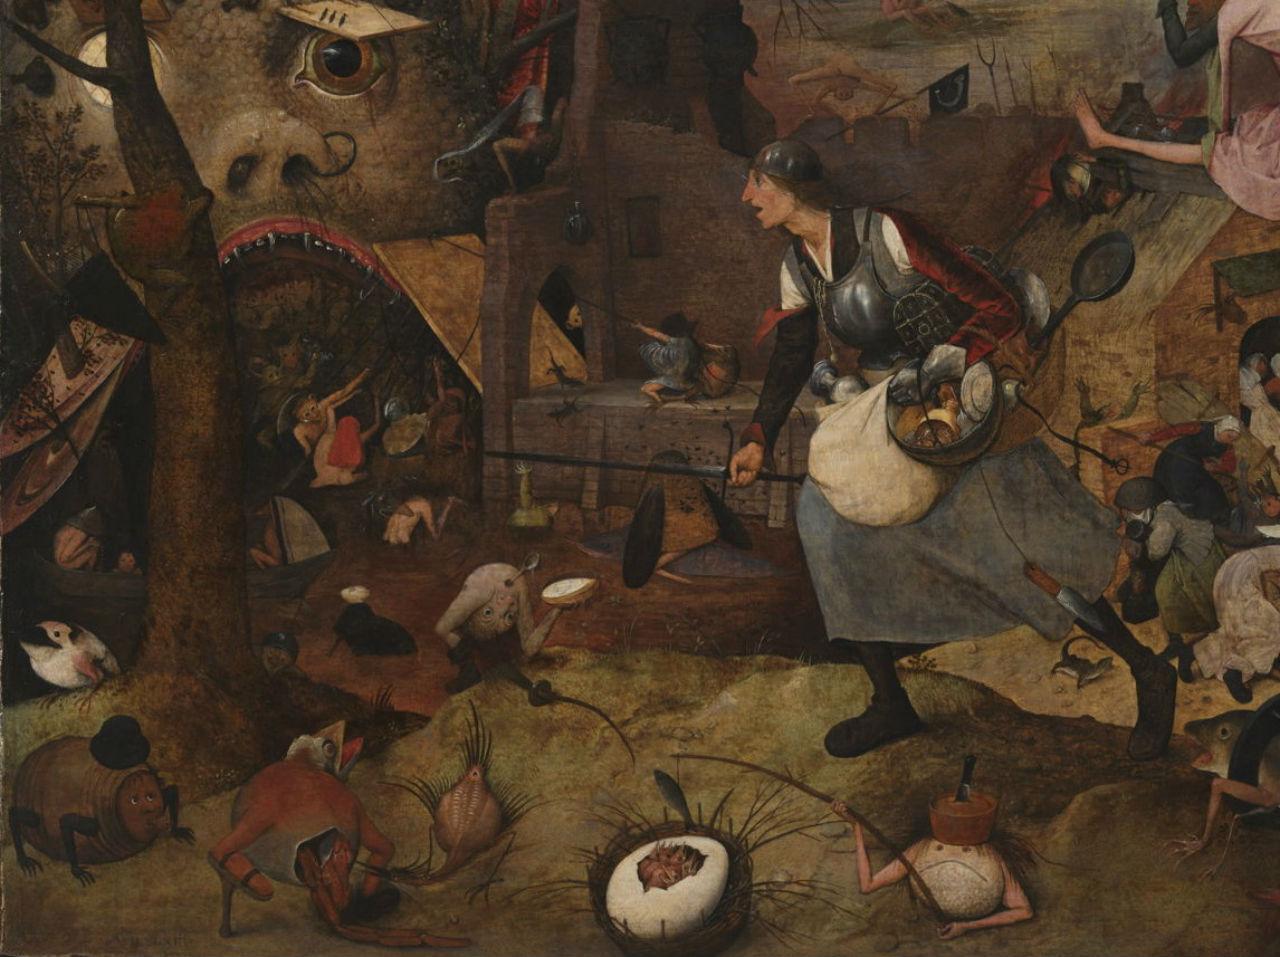 6-Питер Брейгель Старший - Безумная Грета - 1563 (фрагмент).jpg